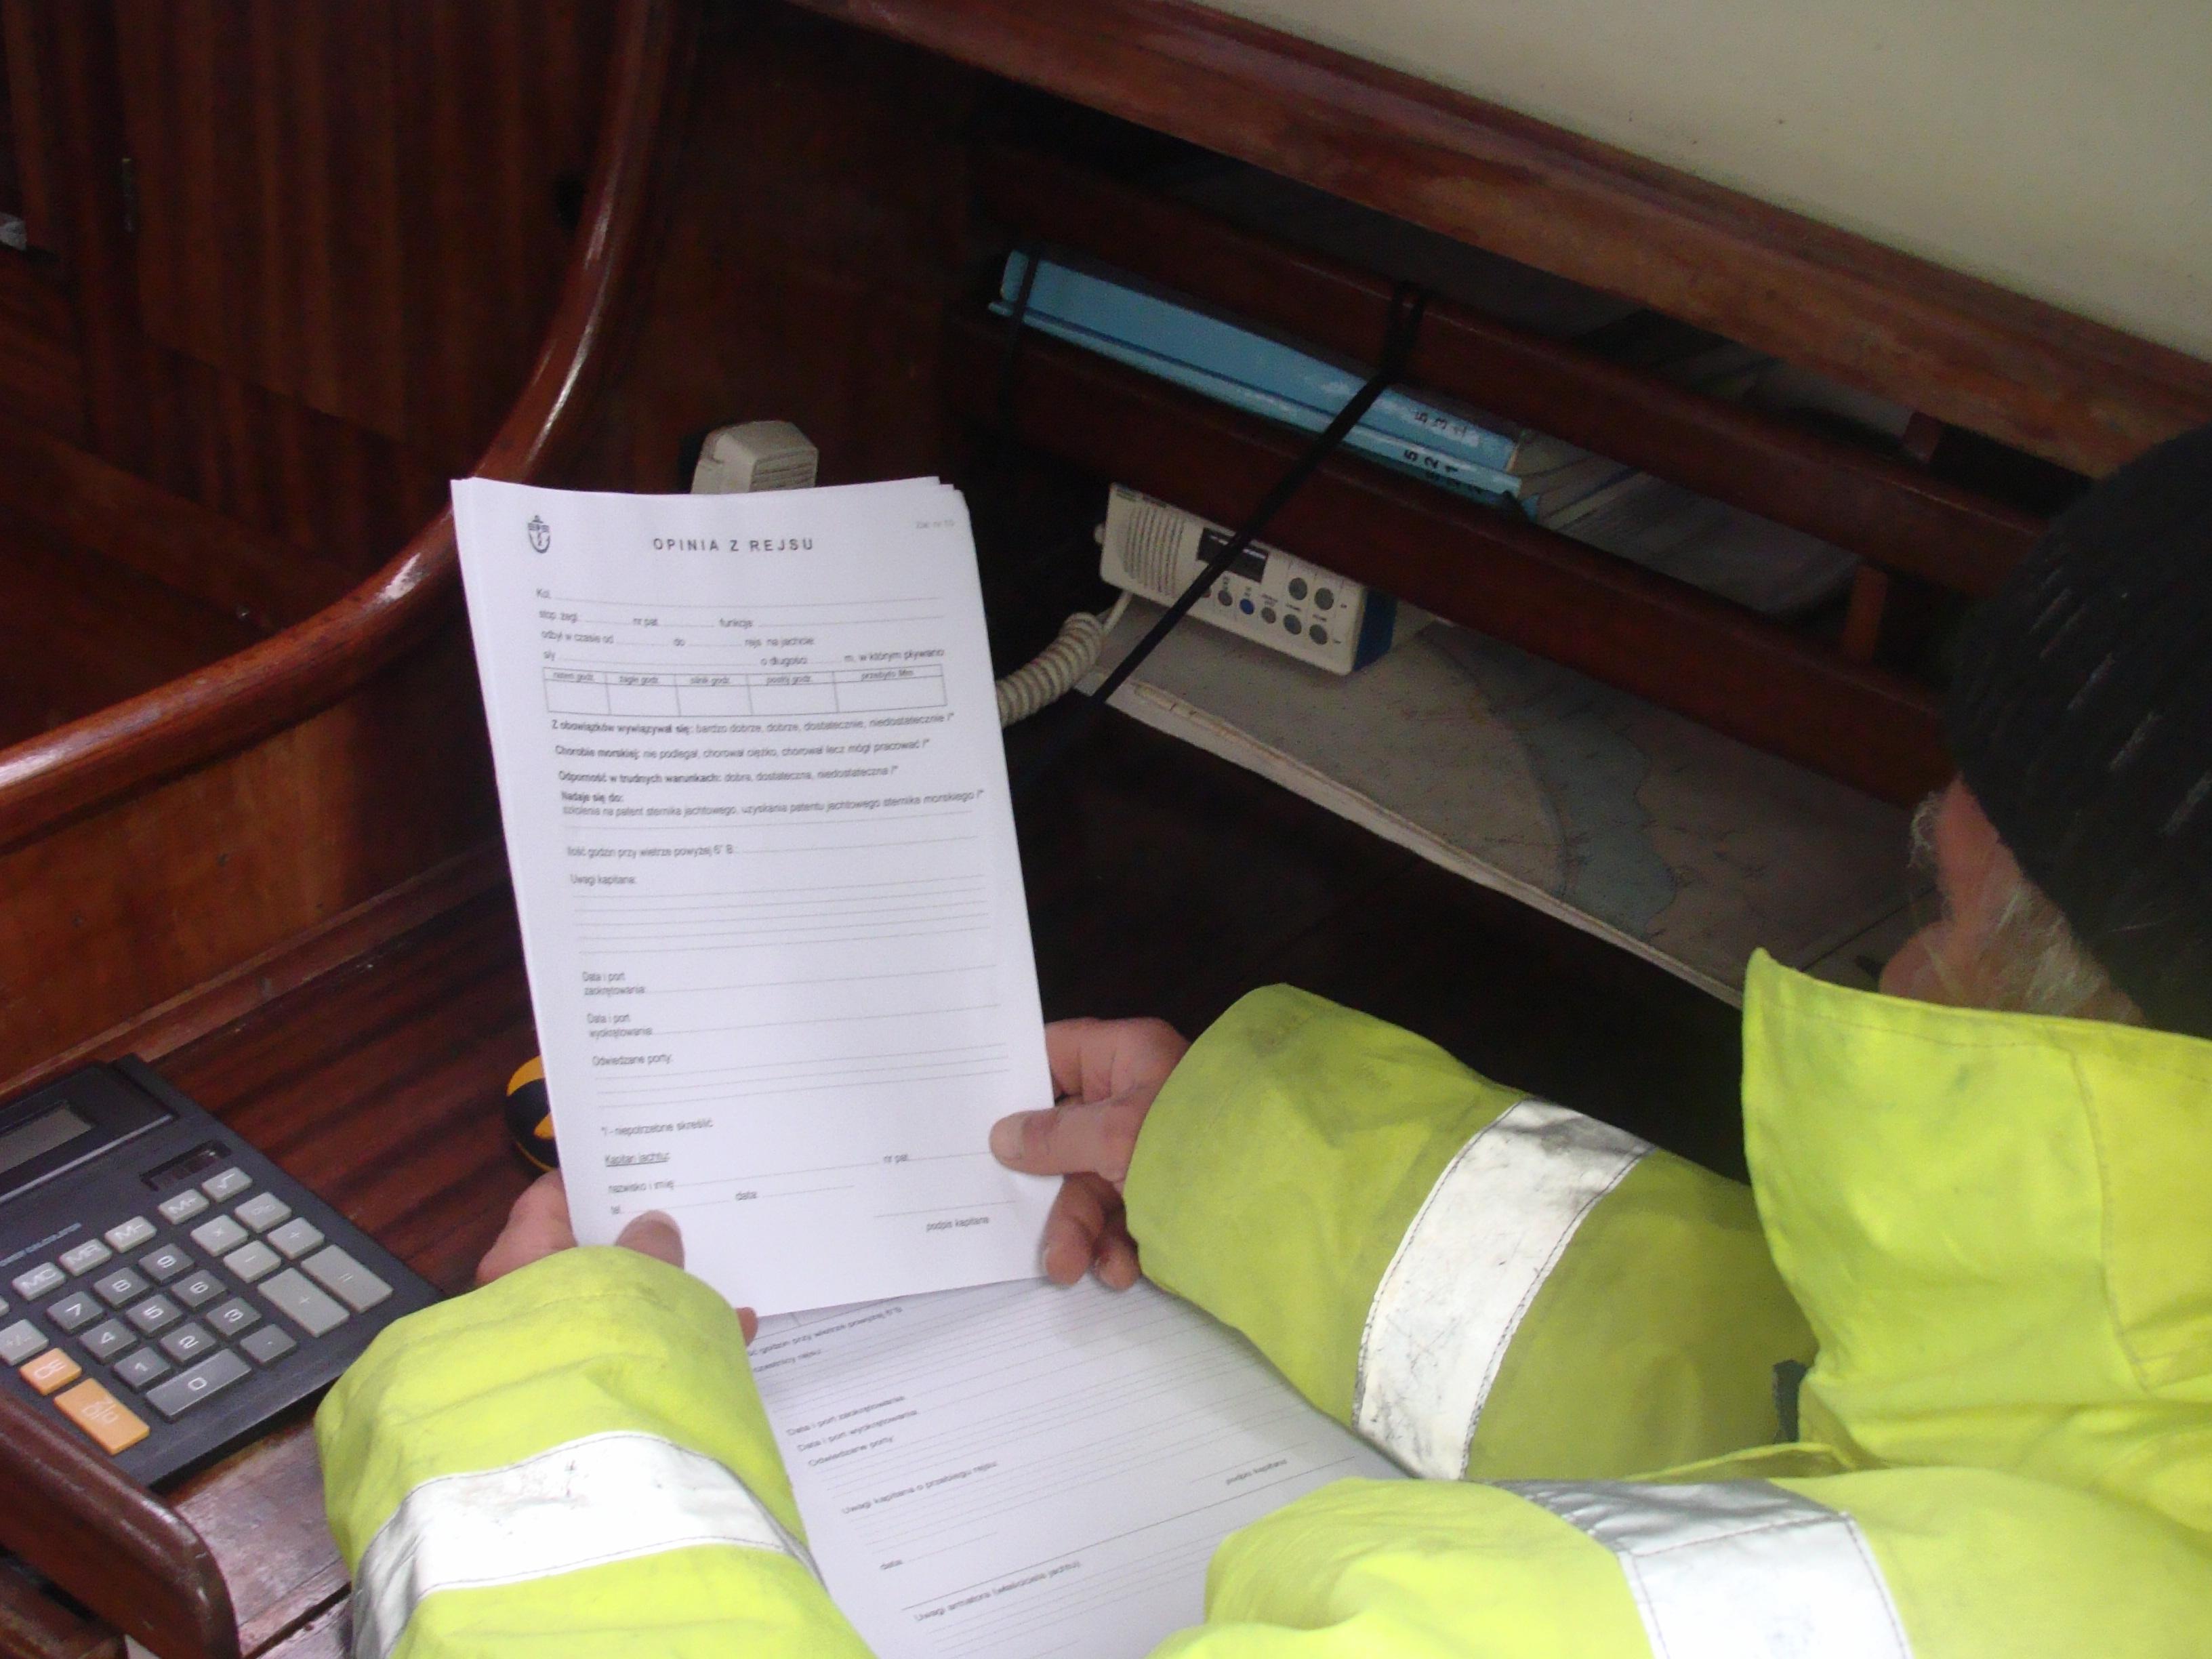 Kapitan przygotowuje się do wypisania opinii z rejsu